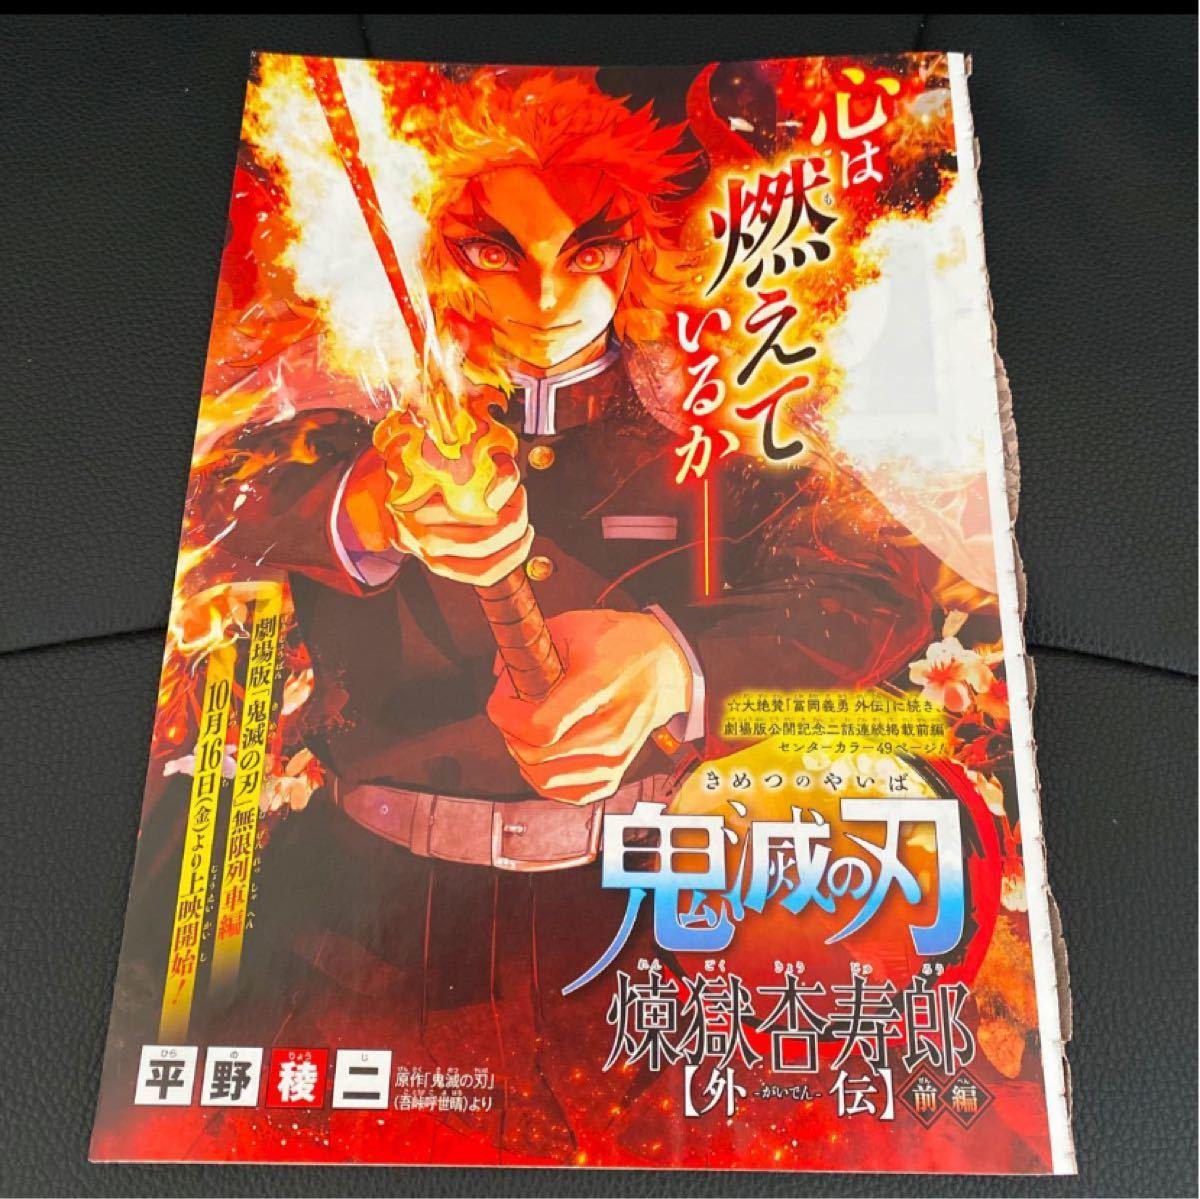 週刊少年ジャンプ 鬼滅の刃 特別読み切り&外伝 前編後編 3話分